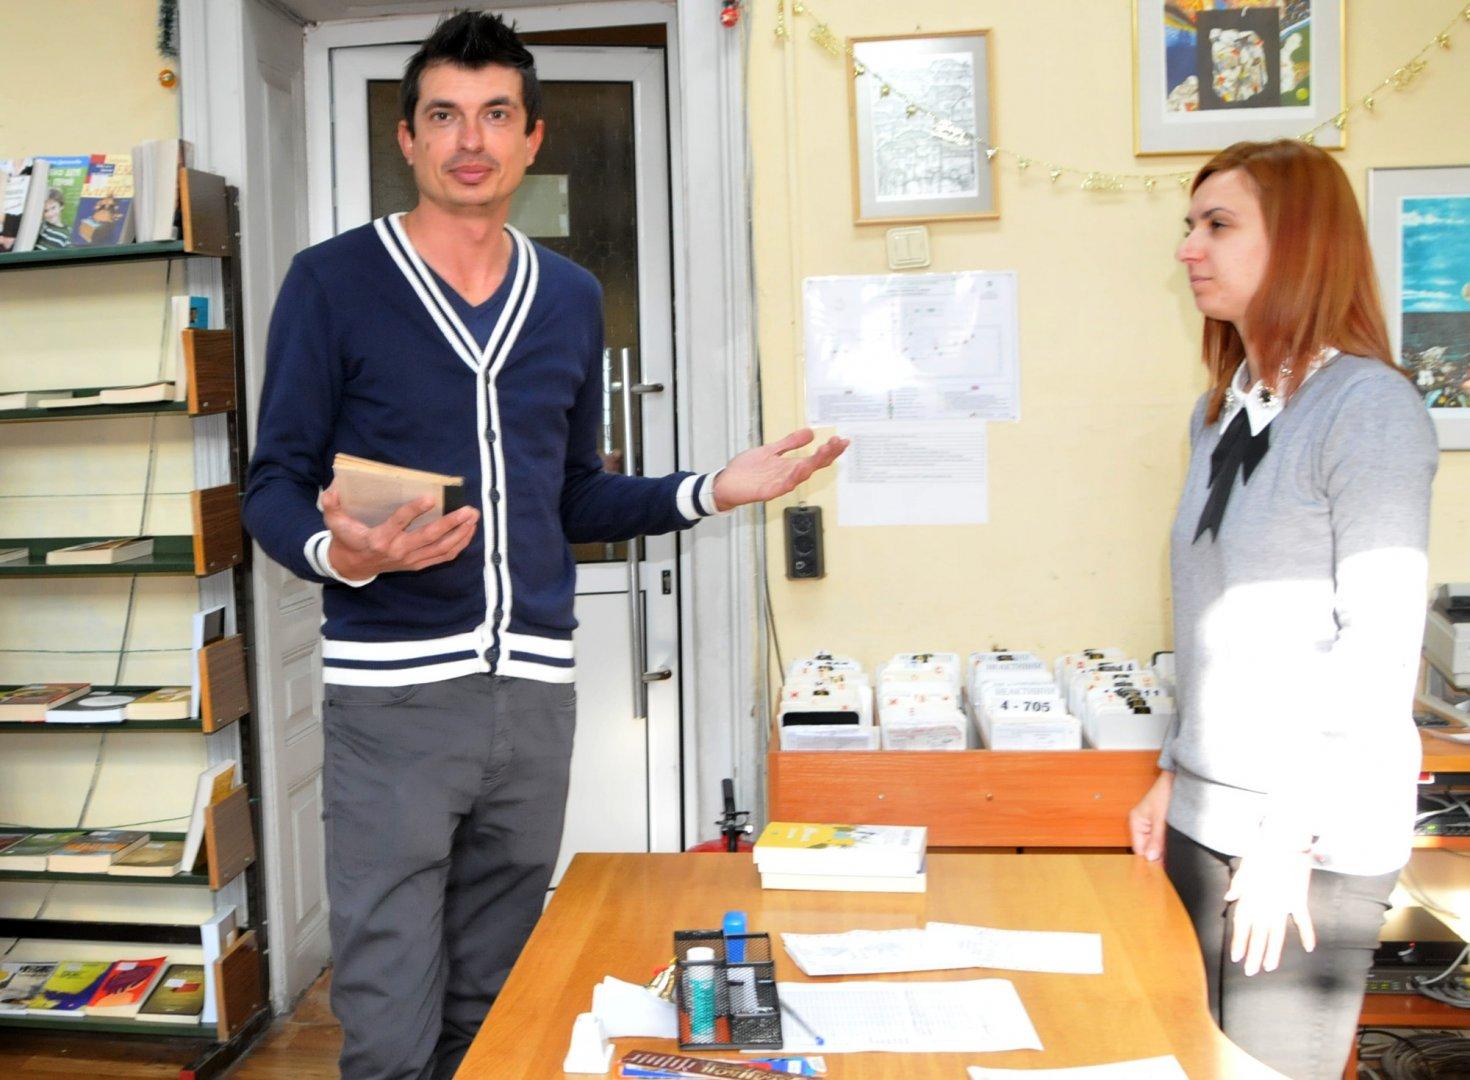 Ясен Проданов вече е читател на библиотеката. Снимки Лина Главинова